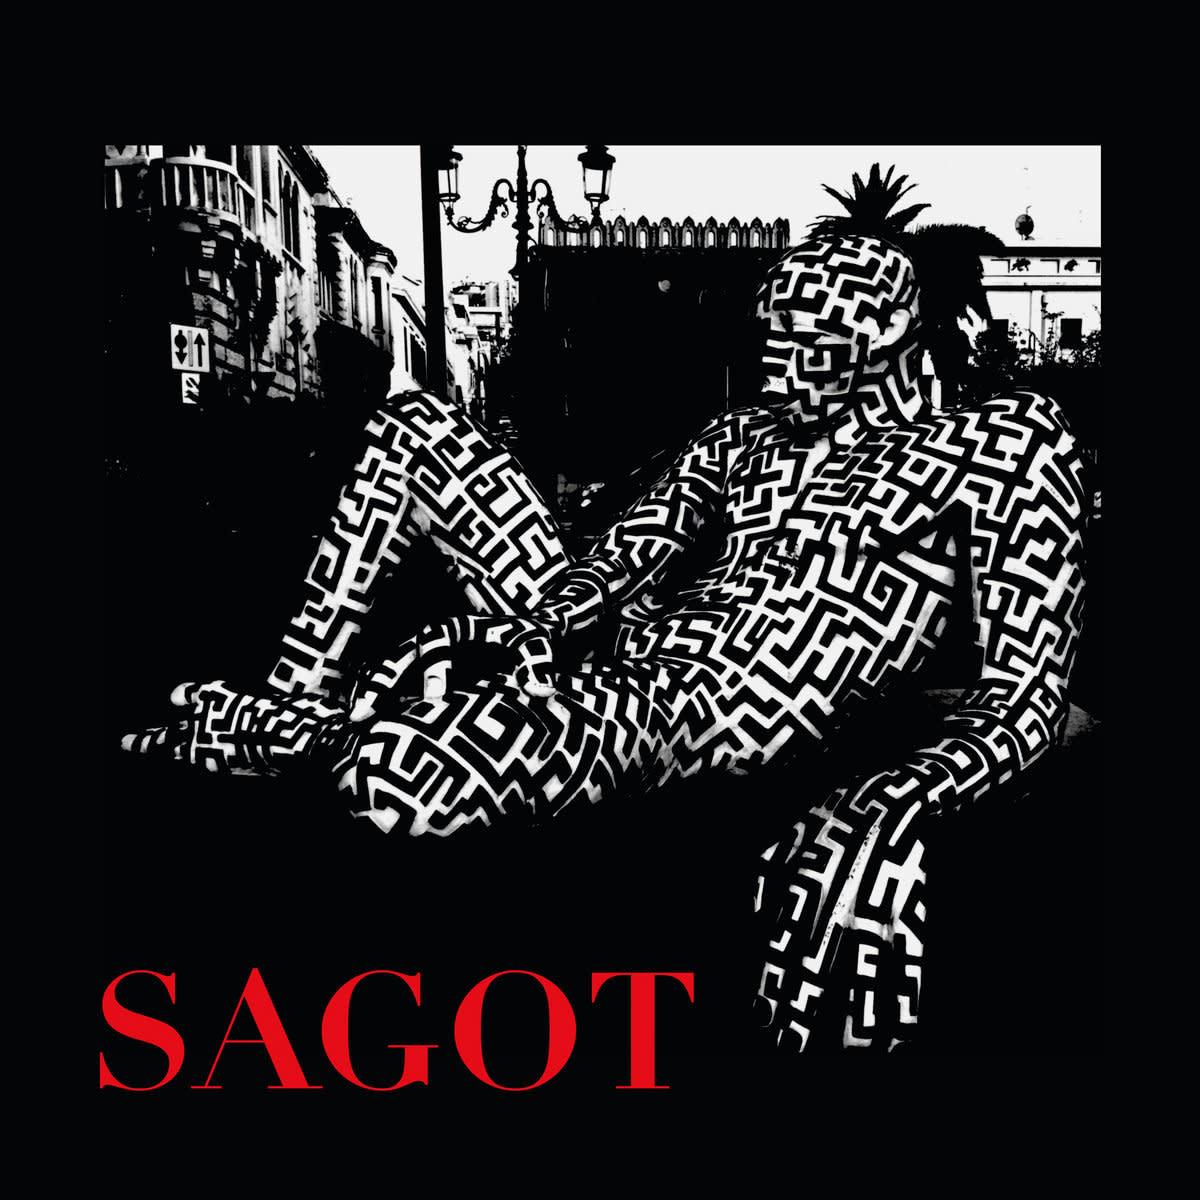 Julien Sagot • Sagot-1